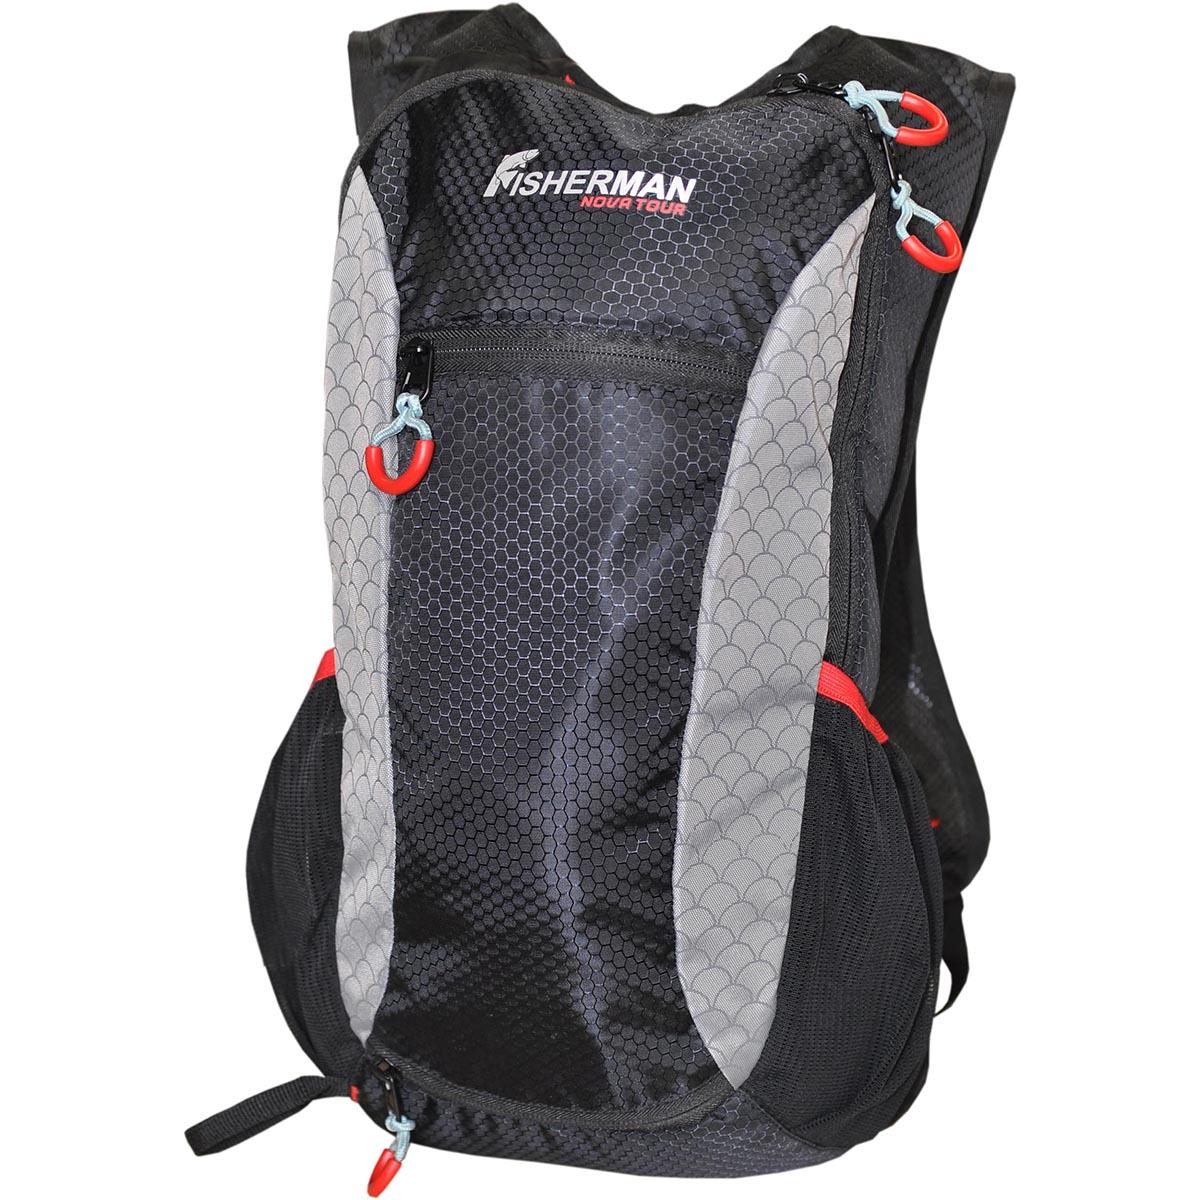 Рюкзак для рыбалки Nova Tour Миноу PRO, цвет: черный, 9 л95736-924-00Сверхлегкий рюкзак для активной рыбалки на легке! Внутри рюкзака можно разместить пару коробок с приманками и еще останется место под легкую ветровку или термос. На фронтальной части имеется специальное отделение под второй спиннинг или подсачек, чтобы не занимать руки.